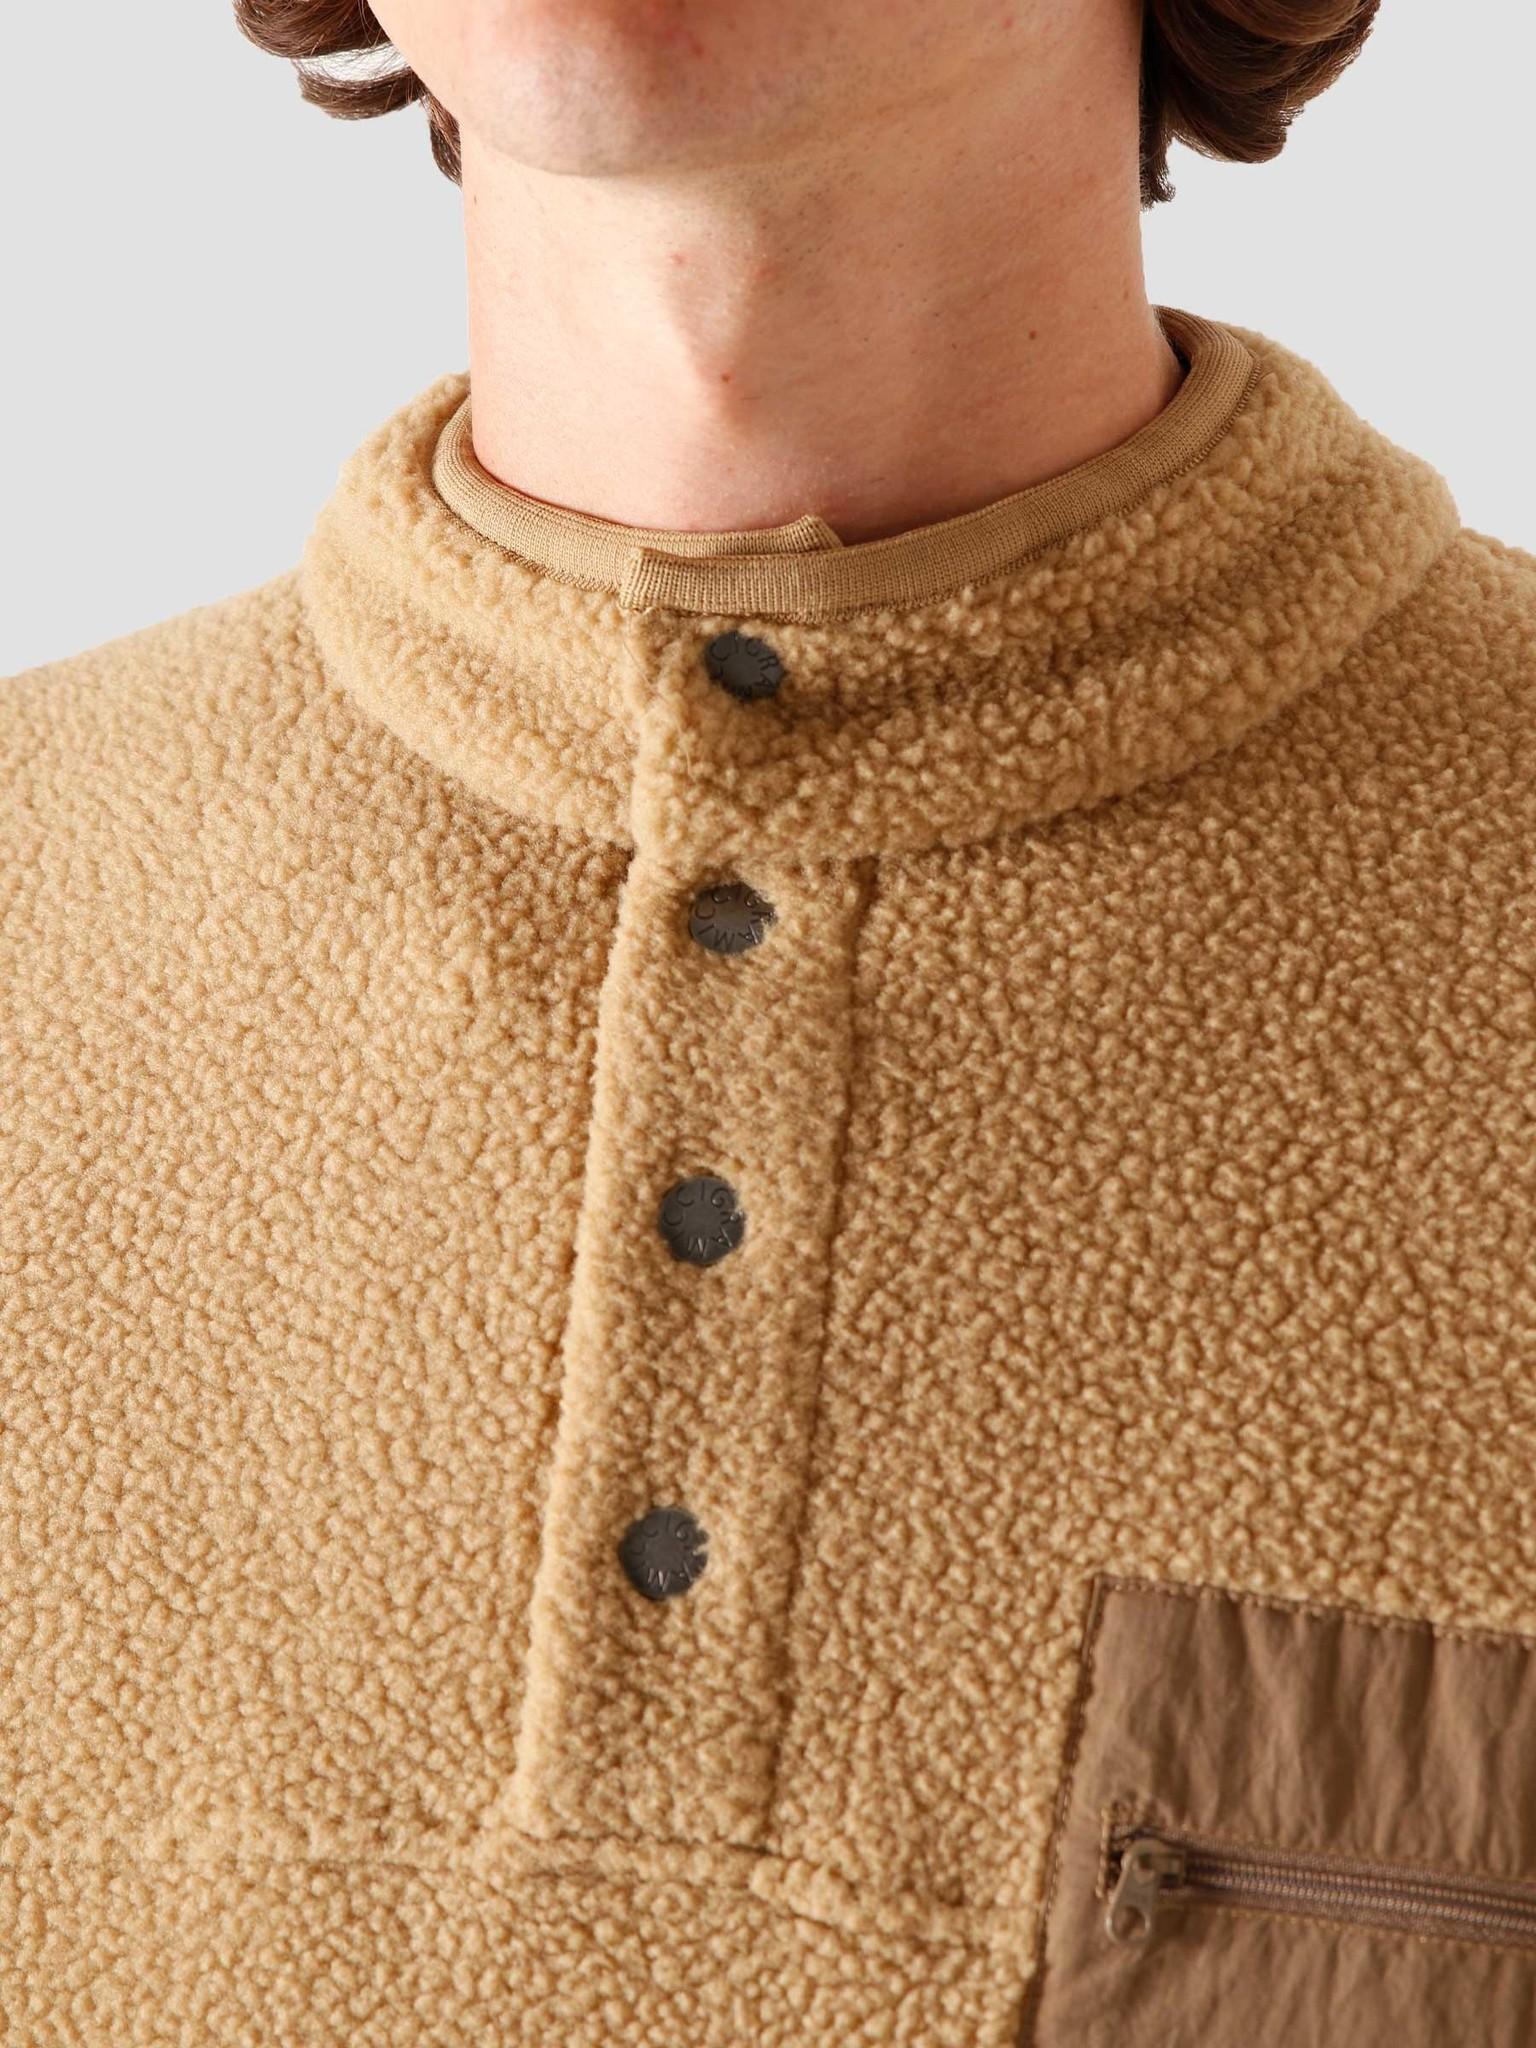 Gramicci Gramicci Boa Fleece Pullover Shirt Beige GUJK-20F042